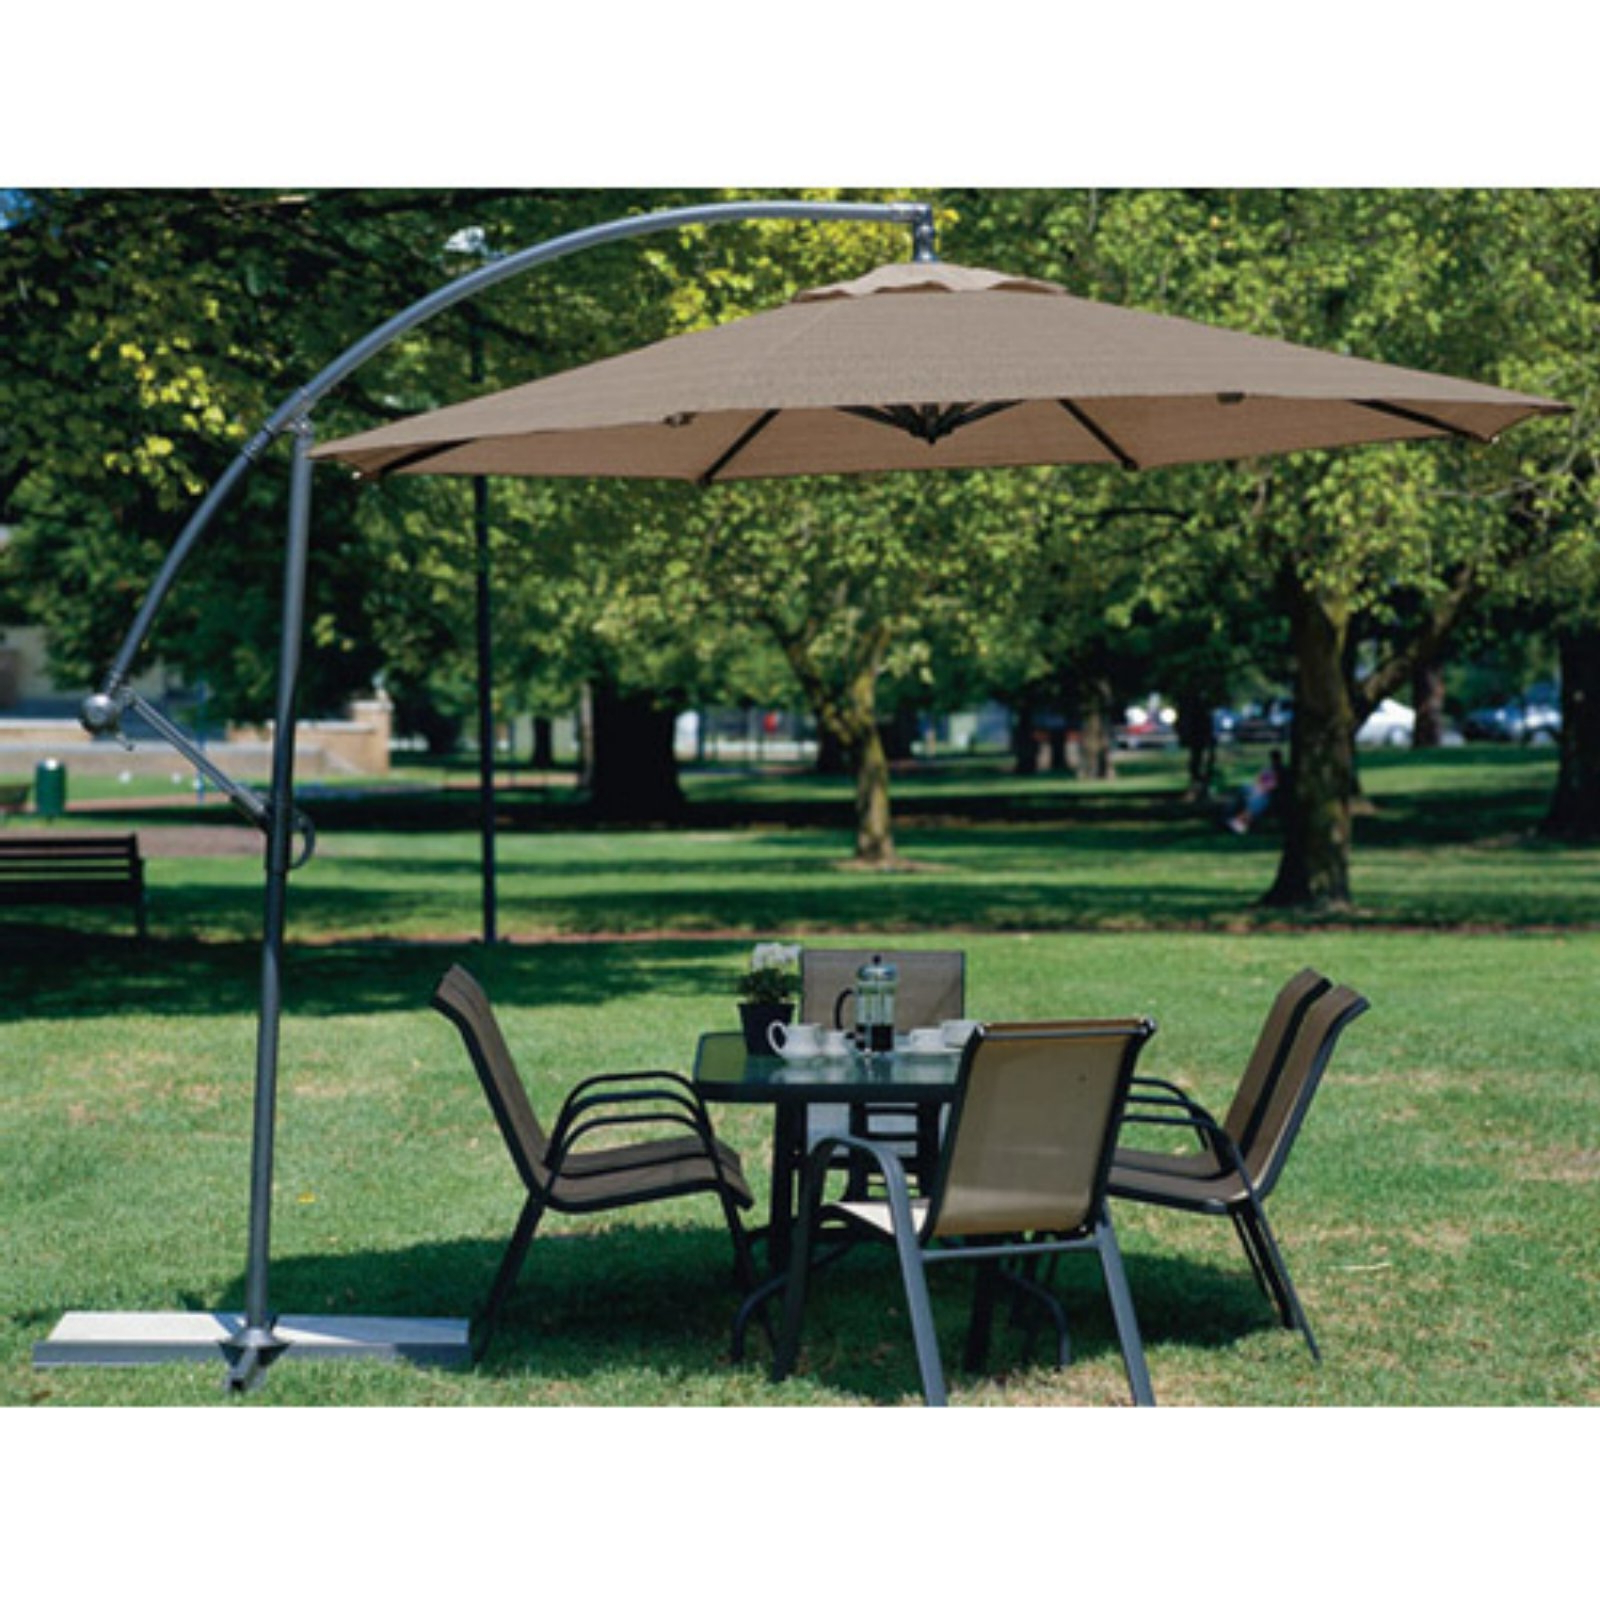 Muhammad Fullerton Cantilever Umbrellas For Current Patio Umbrella: Coolaroo 10 Ft. Offset Patio Umbrella In 2019 (Gallery 12 of 20)